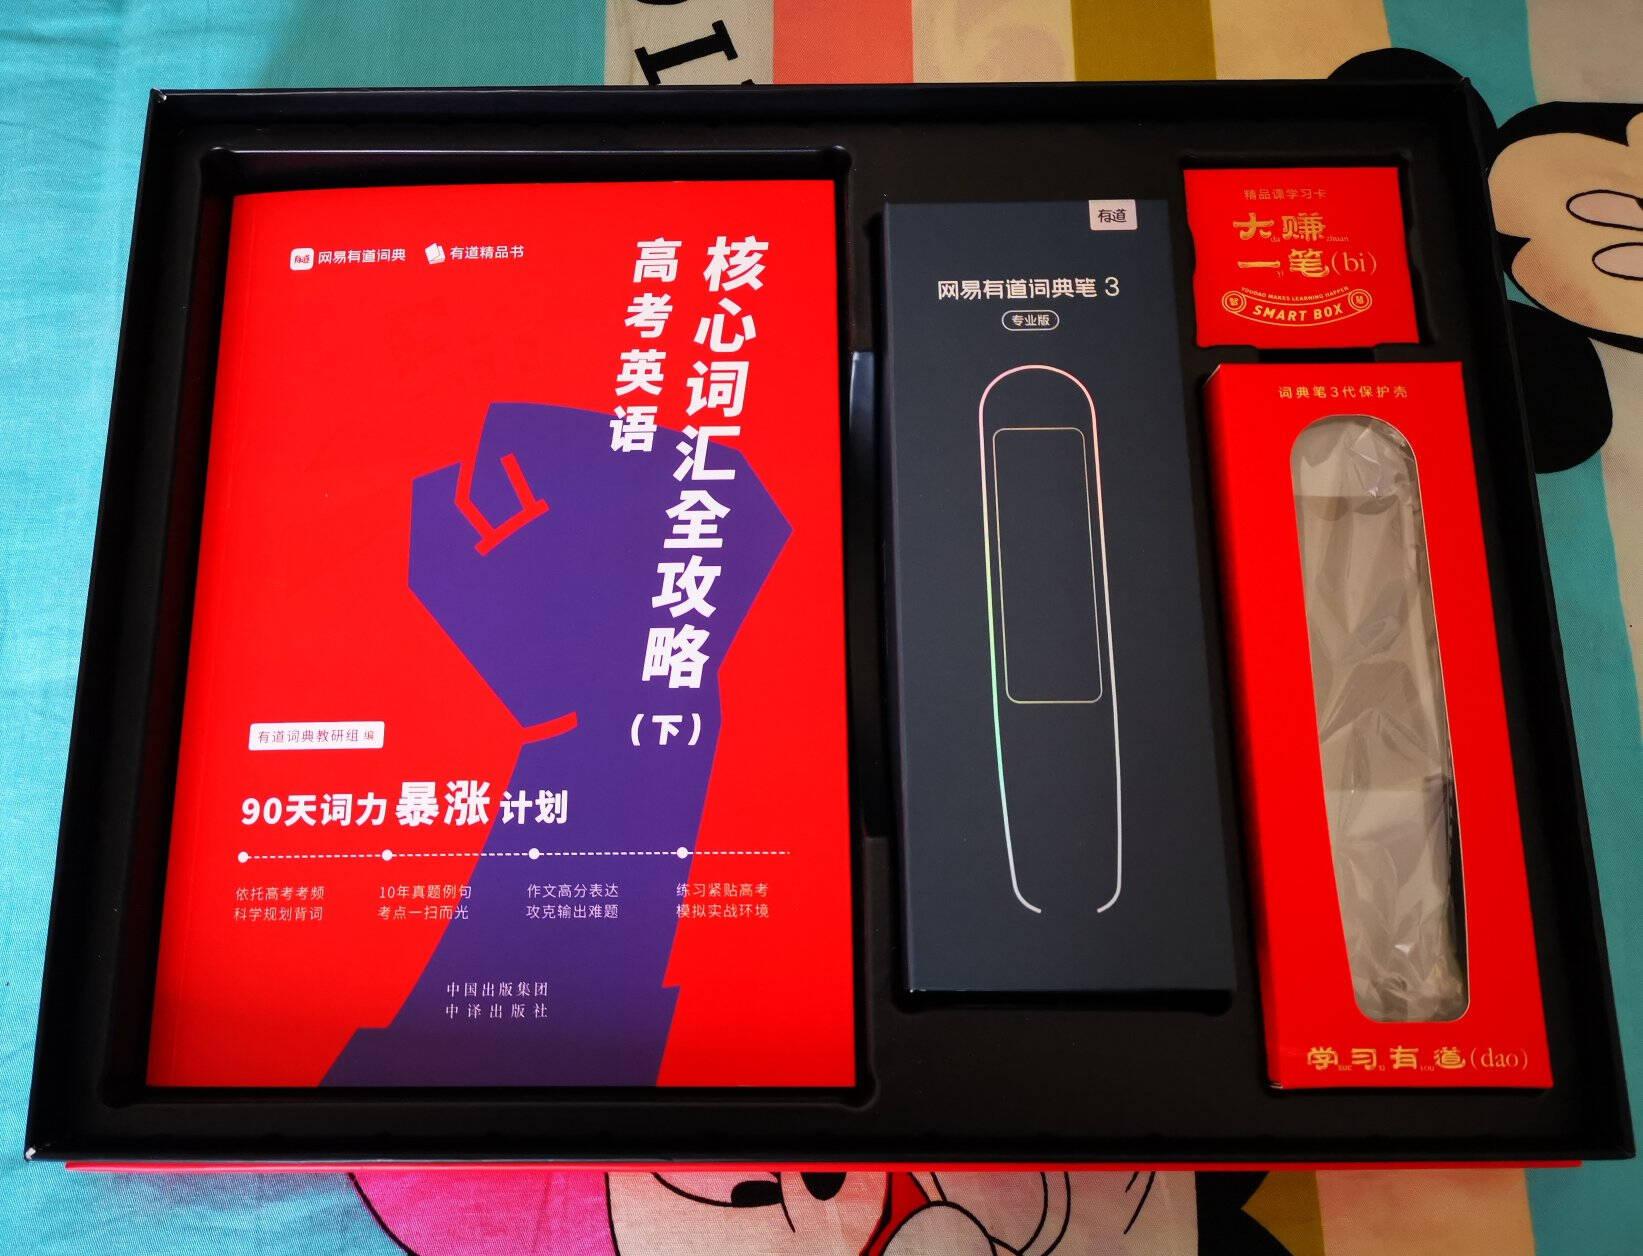 【15天免费试用】网易有道词典笔3.0专业版X3英语点读笔学习机扫描笔英汉电子辞典小学初中高中大学生黑色X3极速版16G(礼盒装包含小米牙刷+蓝牙音箱